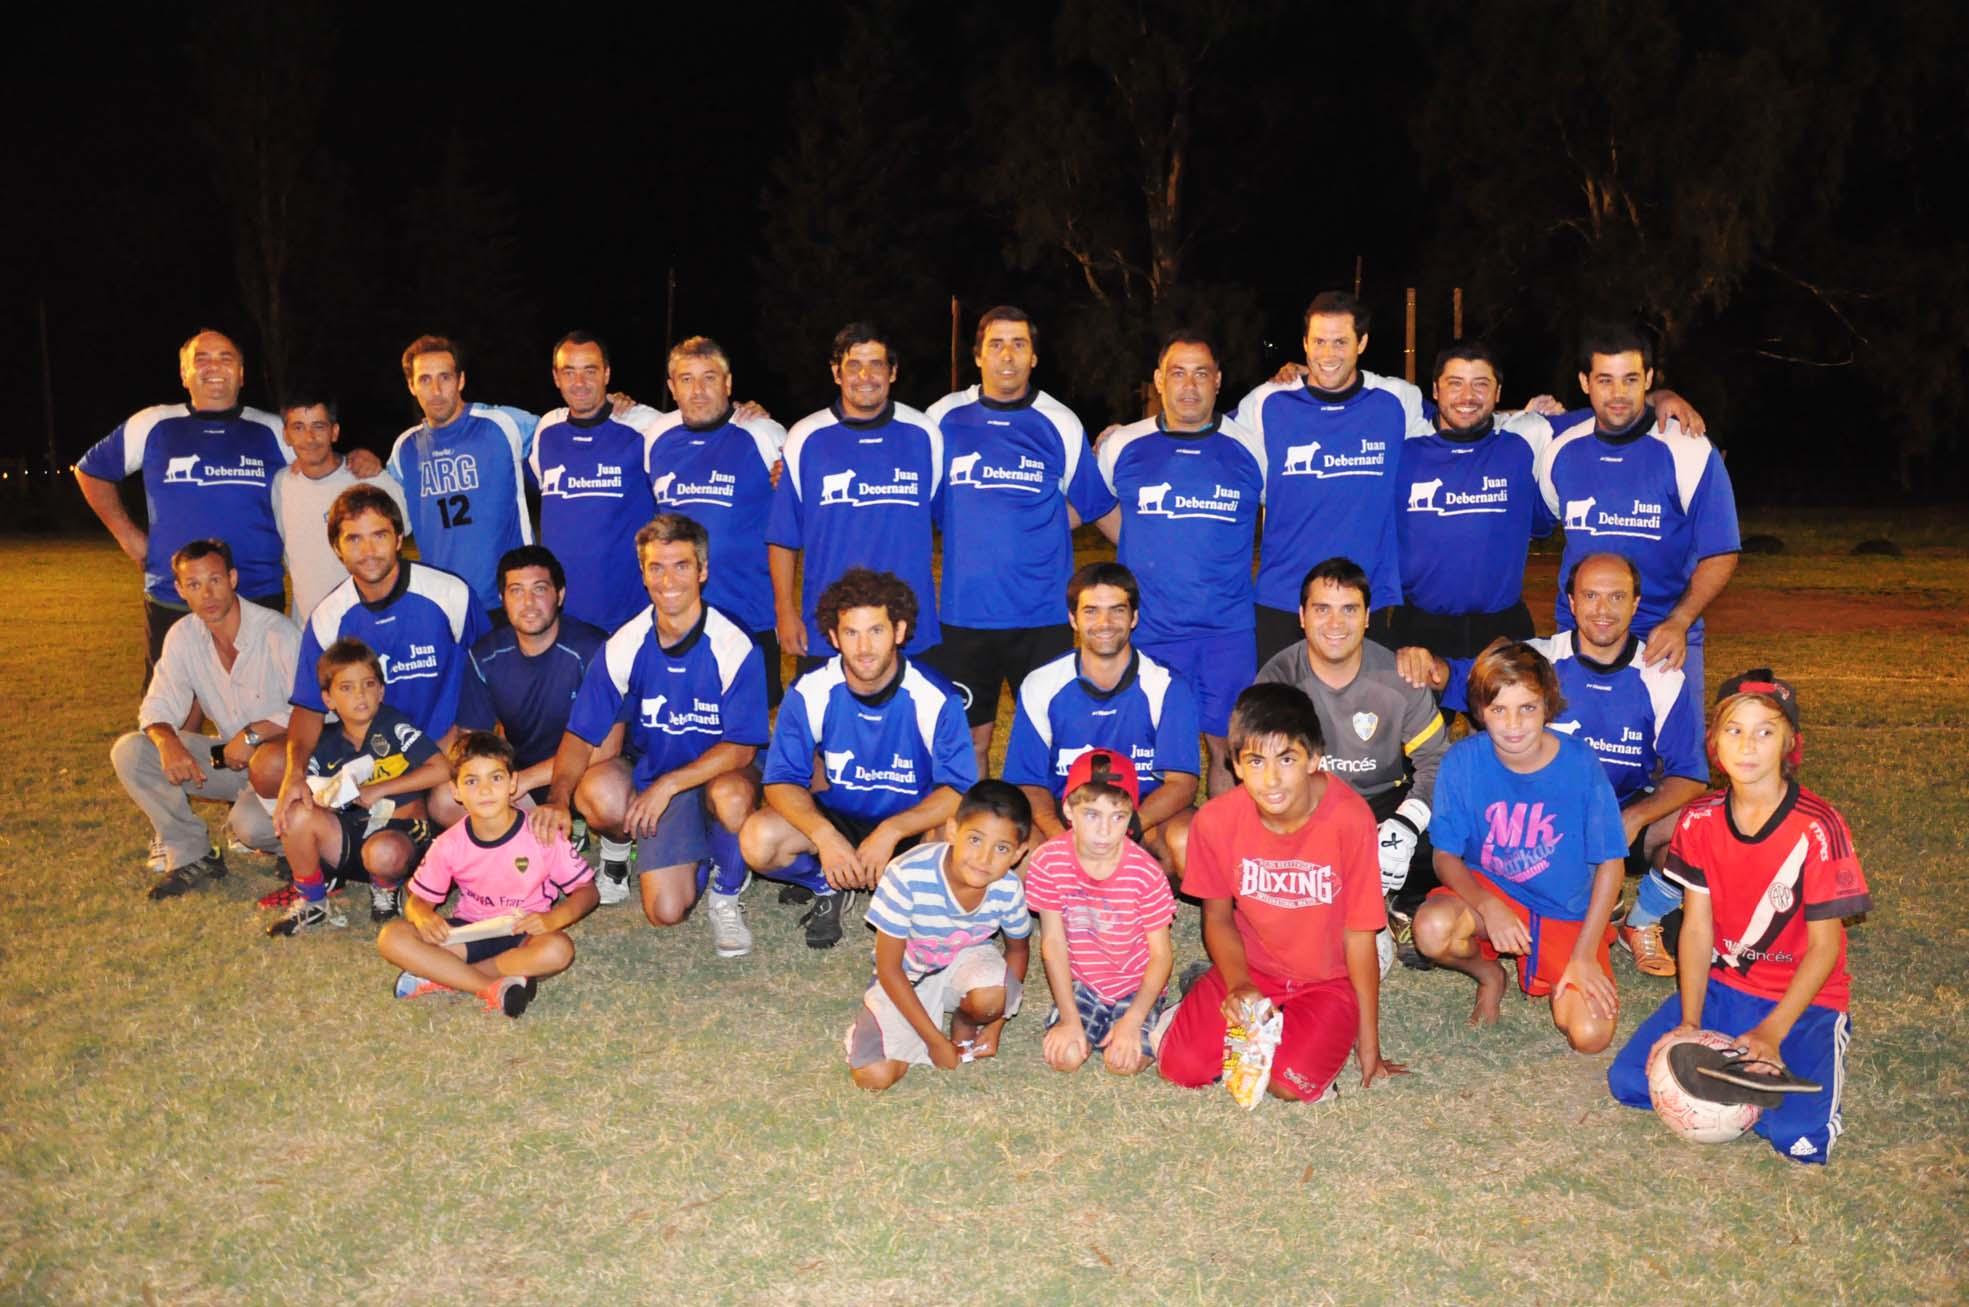 Debernardi y Electricidad Rossi, campeones en Fútbol Once